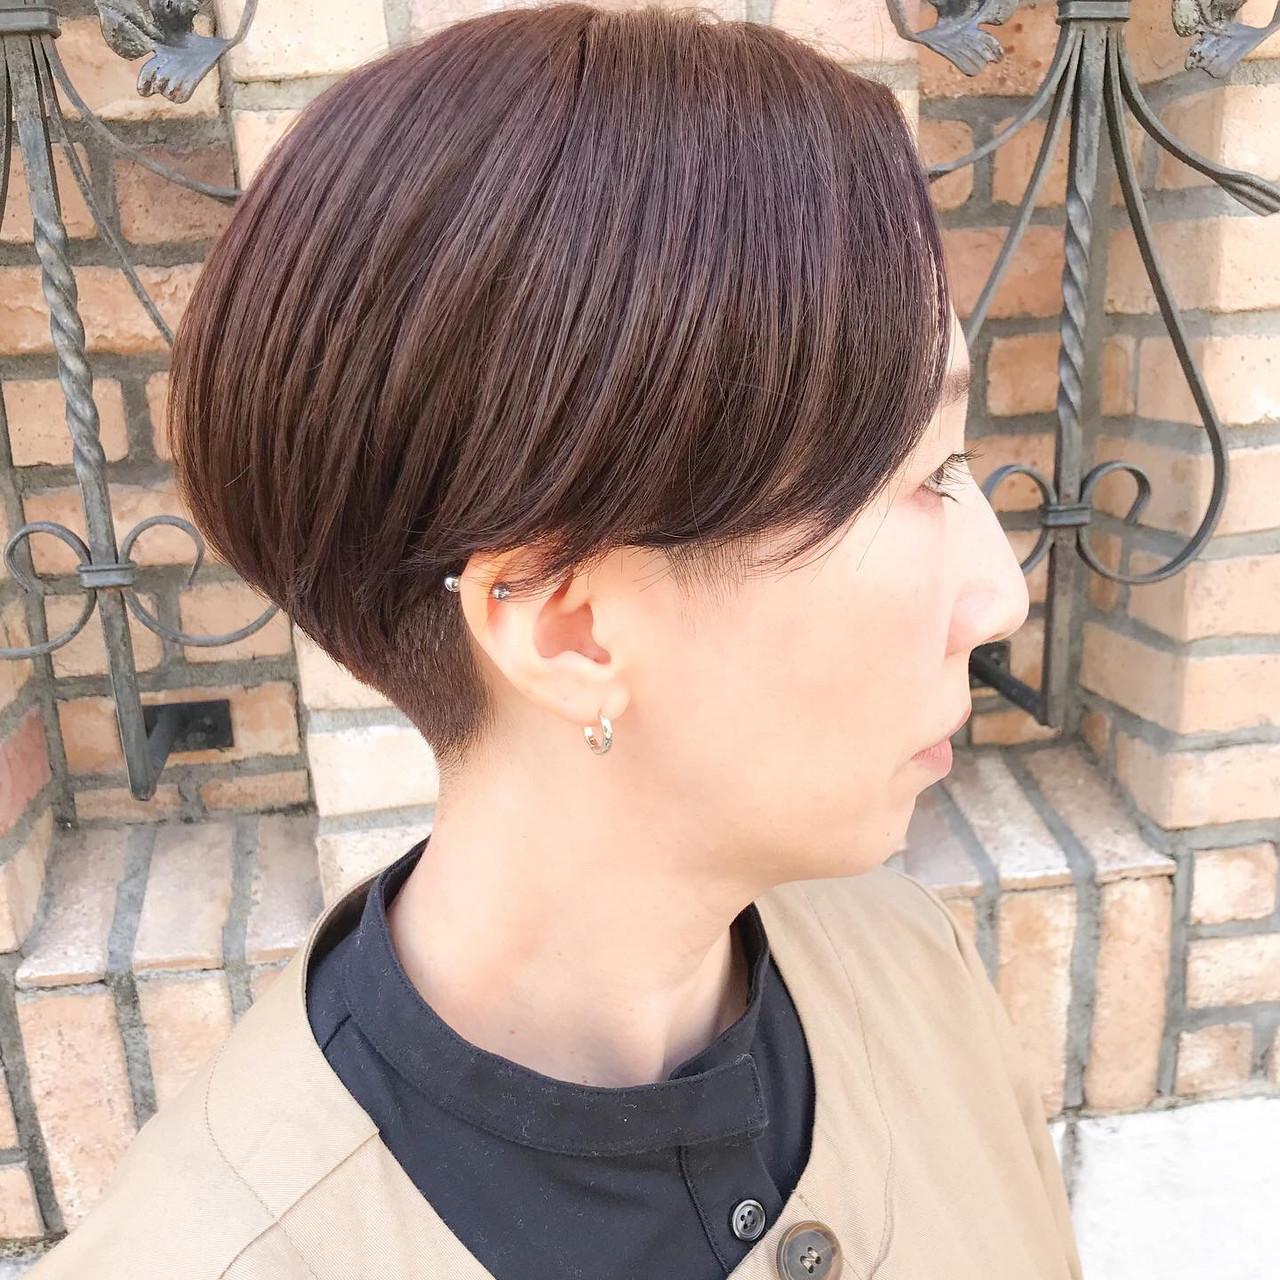 ショートヘア ベリーショート ショート 横顔美人 ヘアスタイルや髪型の写真・画像